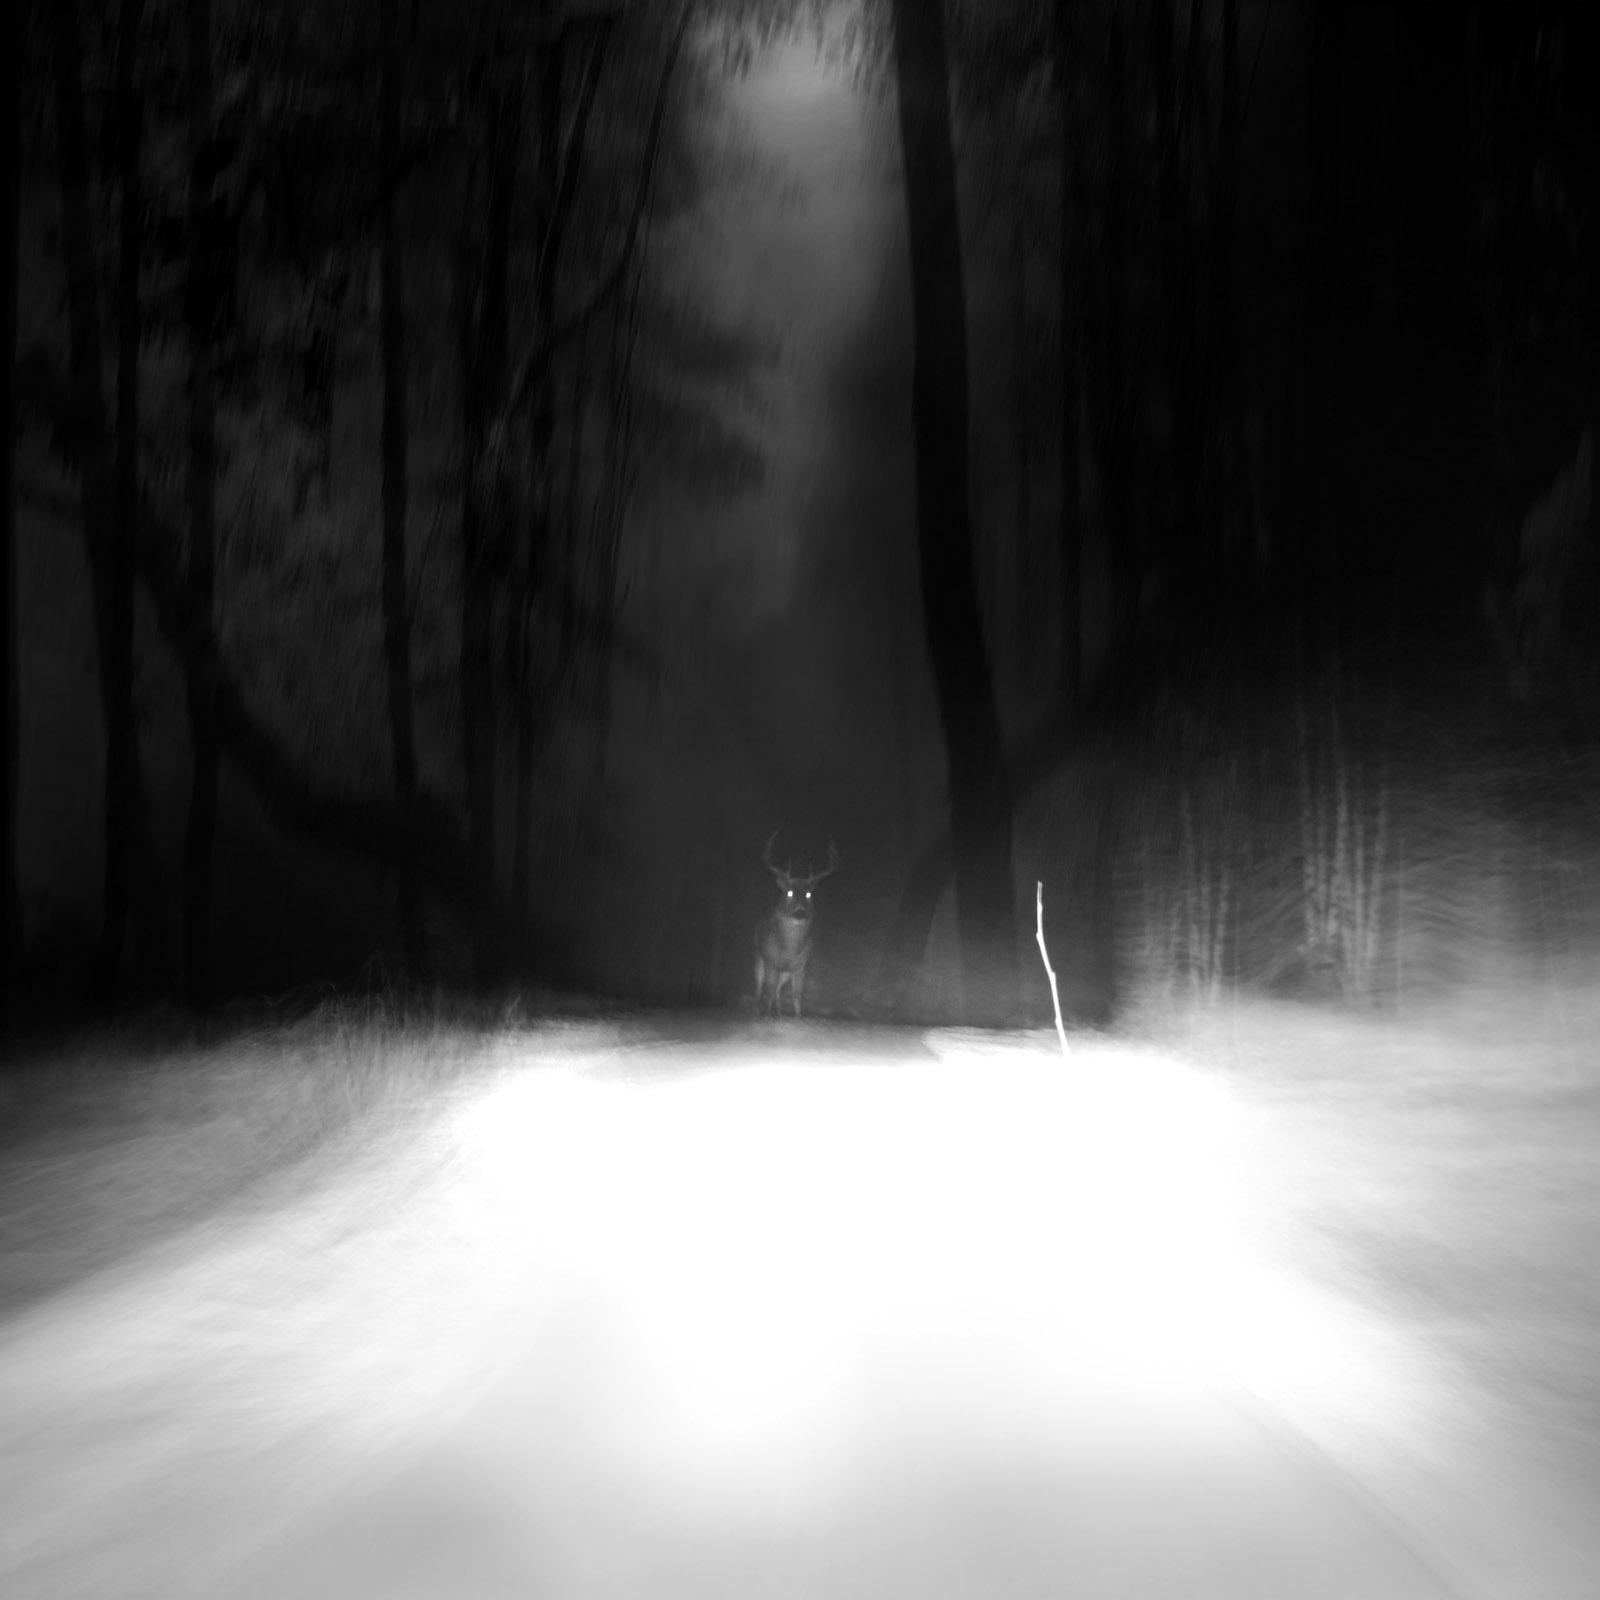 deer-in-the-headlights.jpg